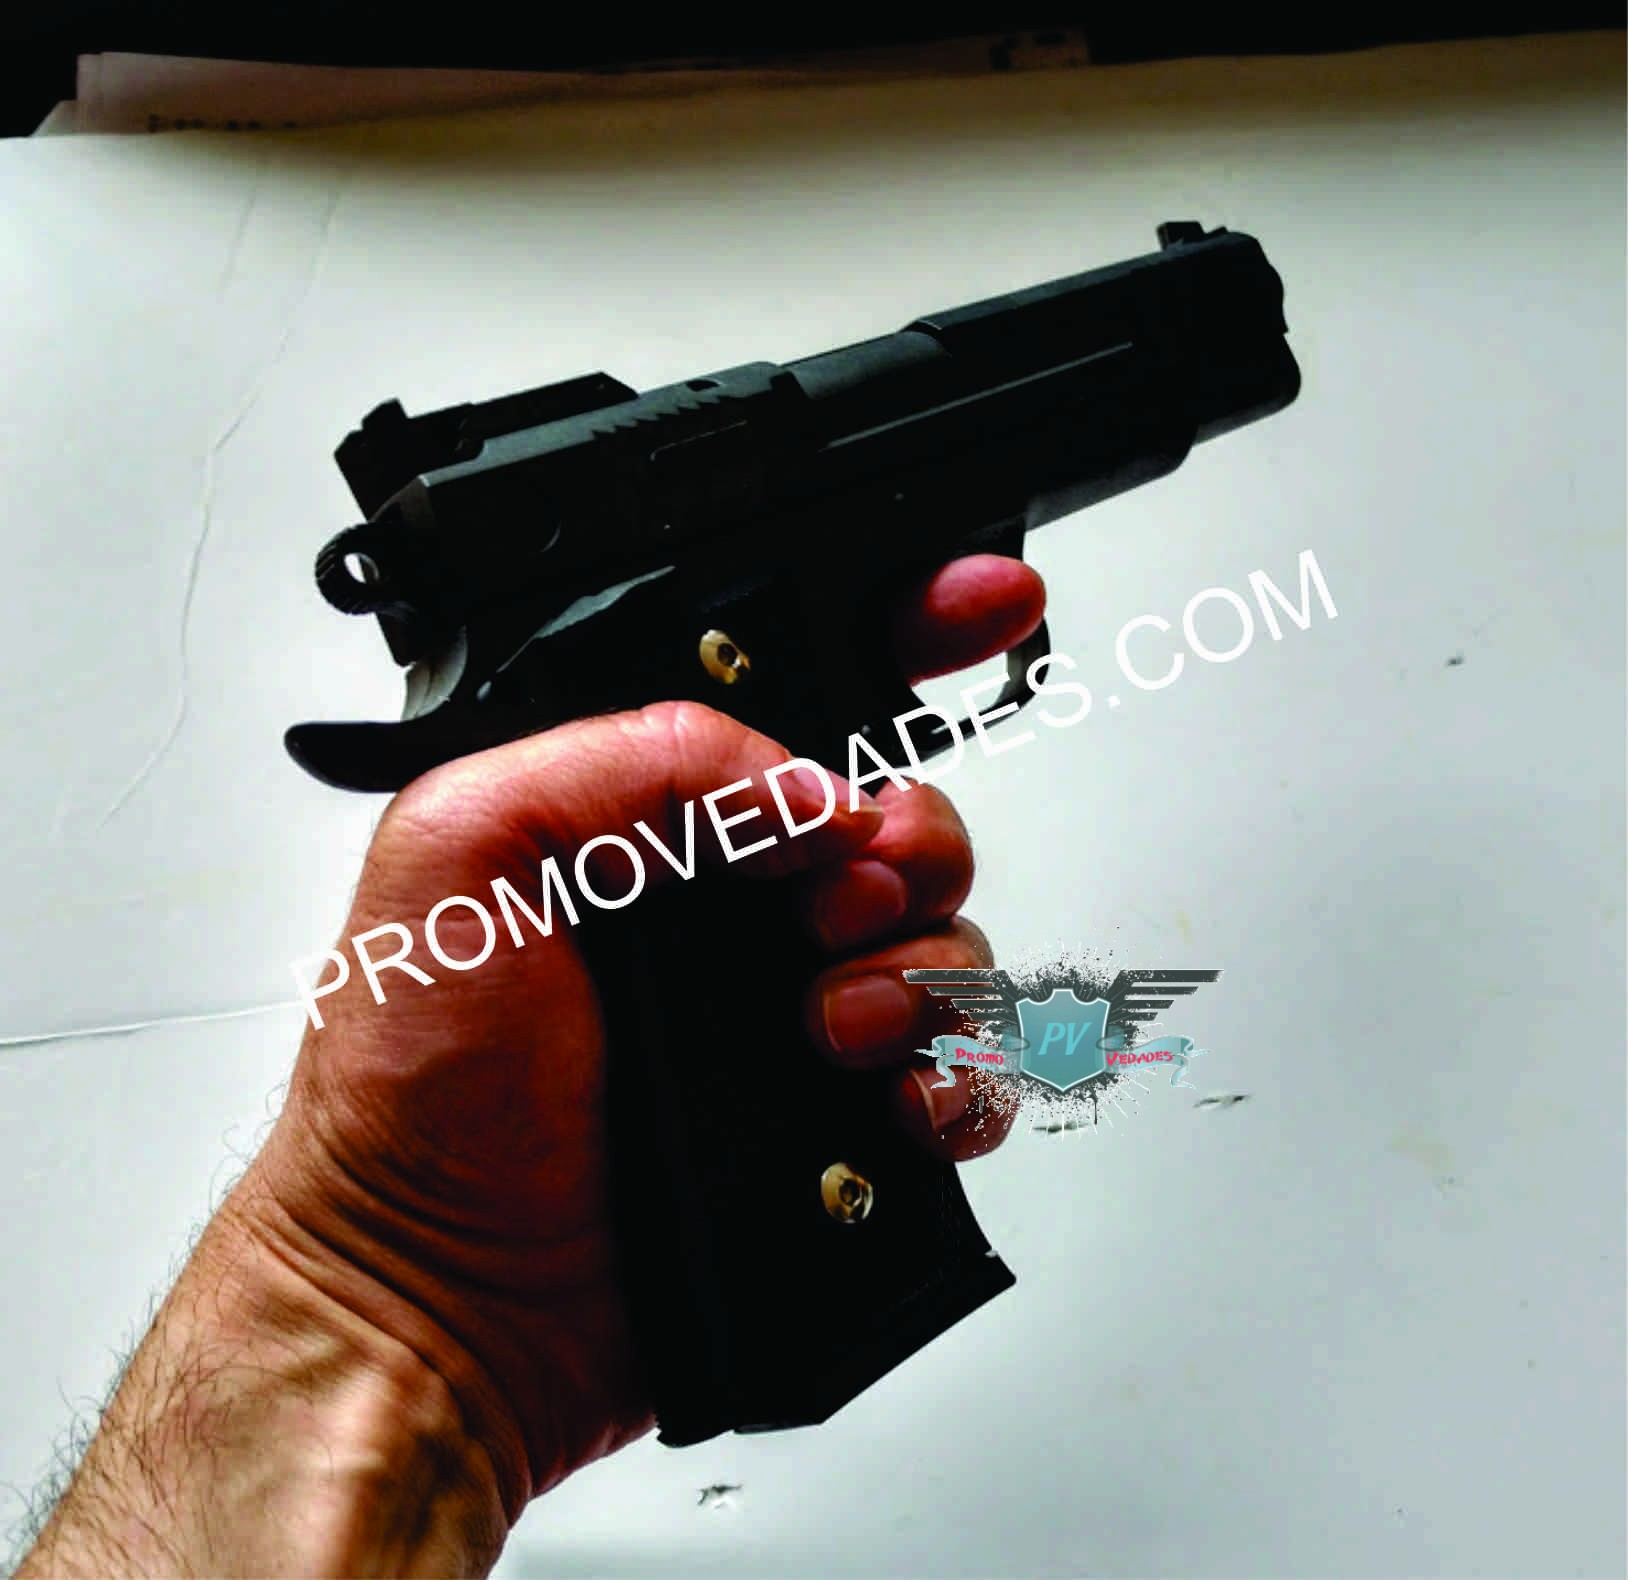 Promovedades | REPLICA DE 45 METALICA FULL mod G20 resorte 6mm